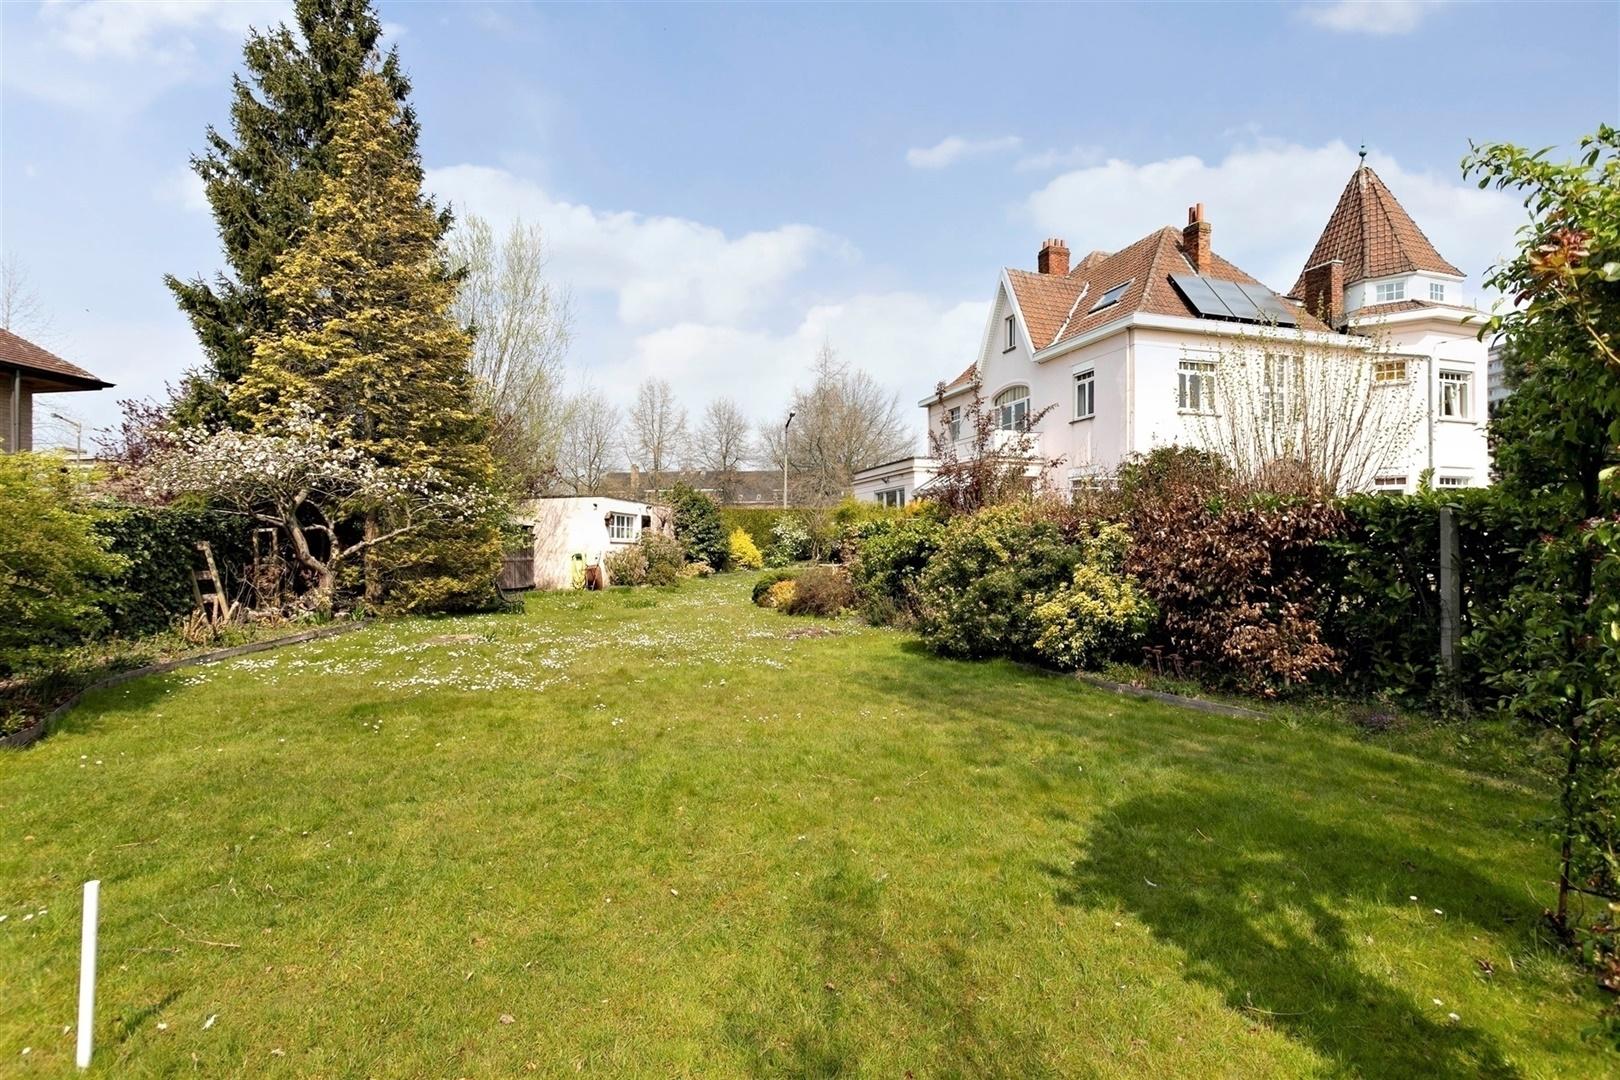 Statige woning met zes slaapkamers en grote tuin